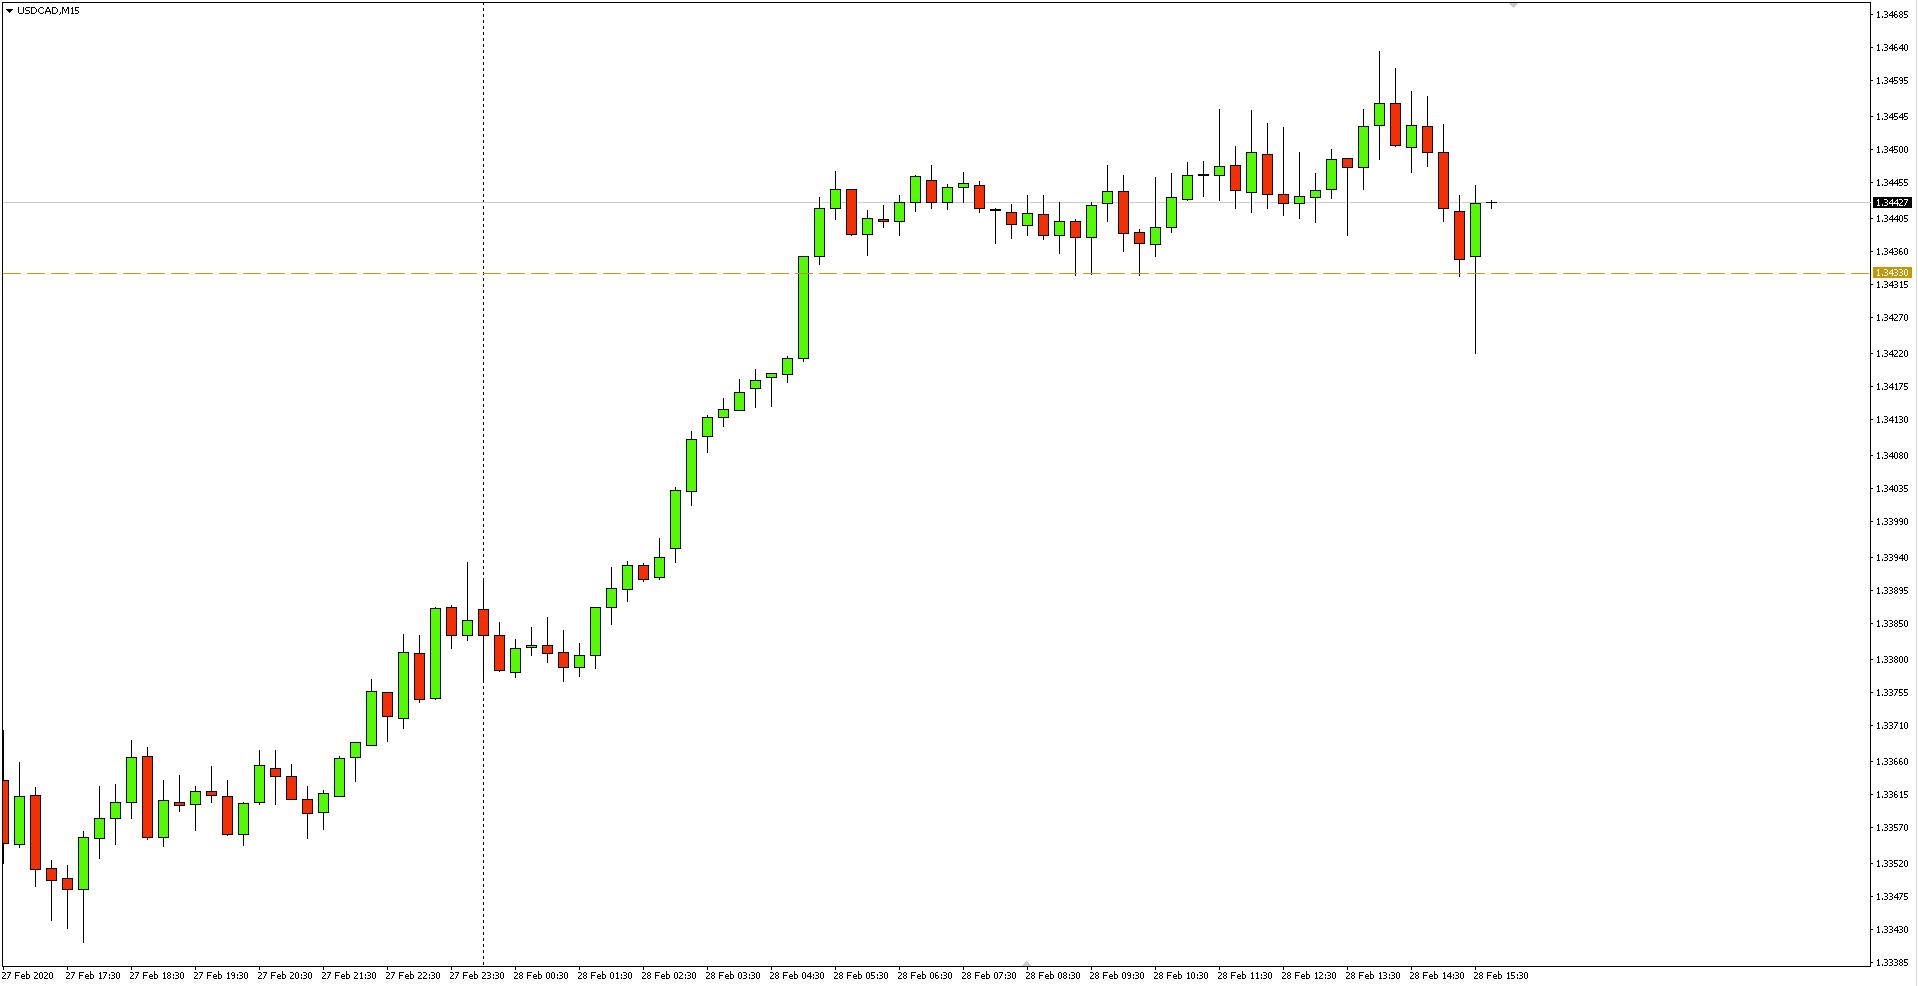 Wykres 15-minutowy pary walutowej USDCAD - 28 lutego 2020 r.